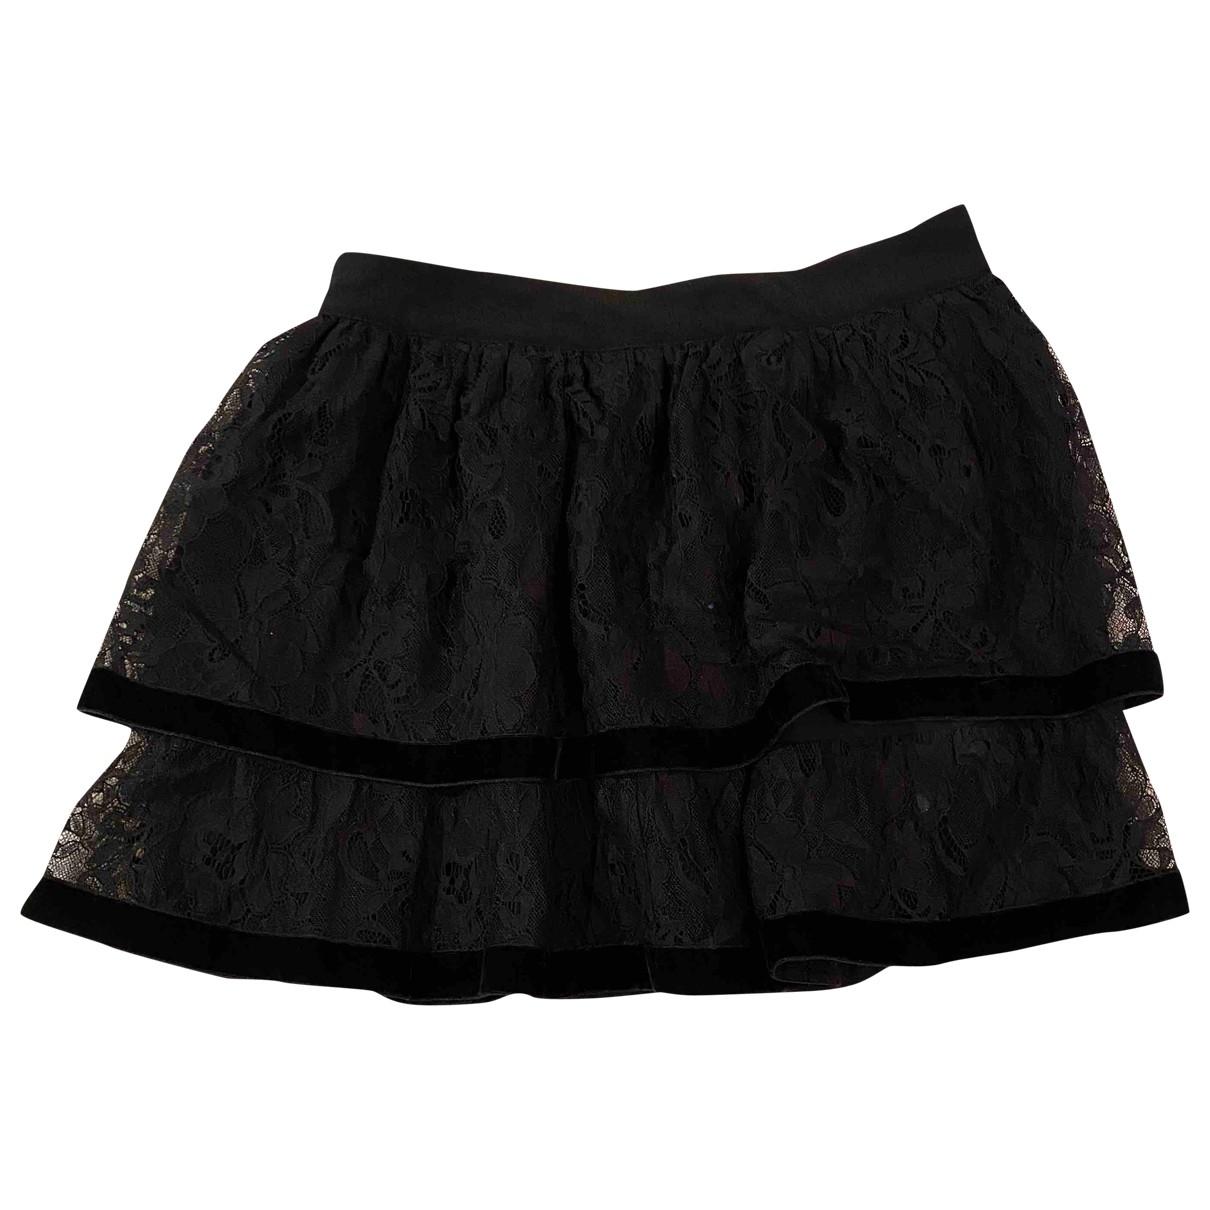 Sandro \N Black skirt for Women 1 0-5